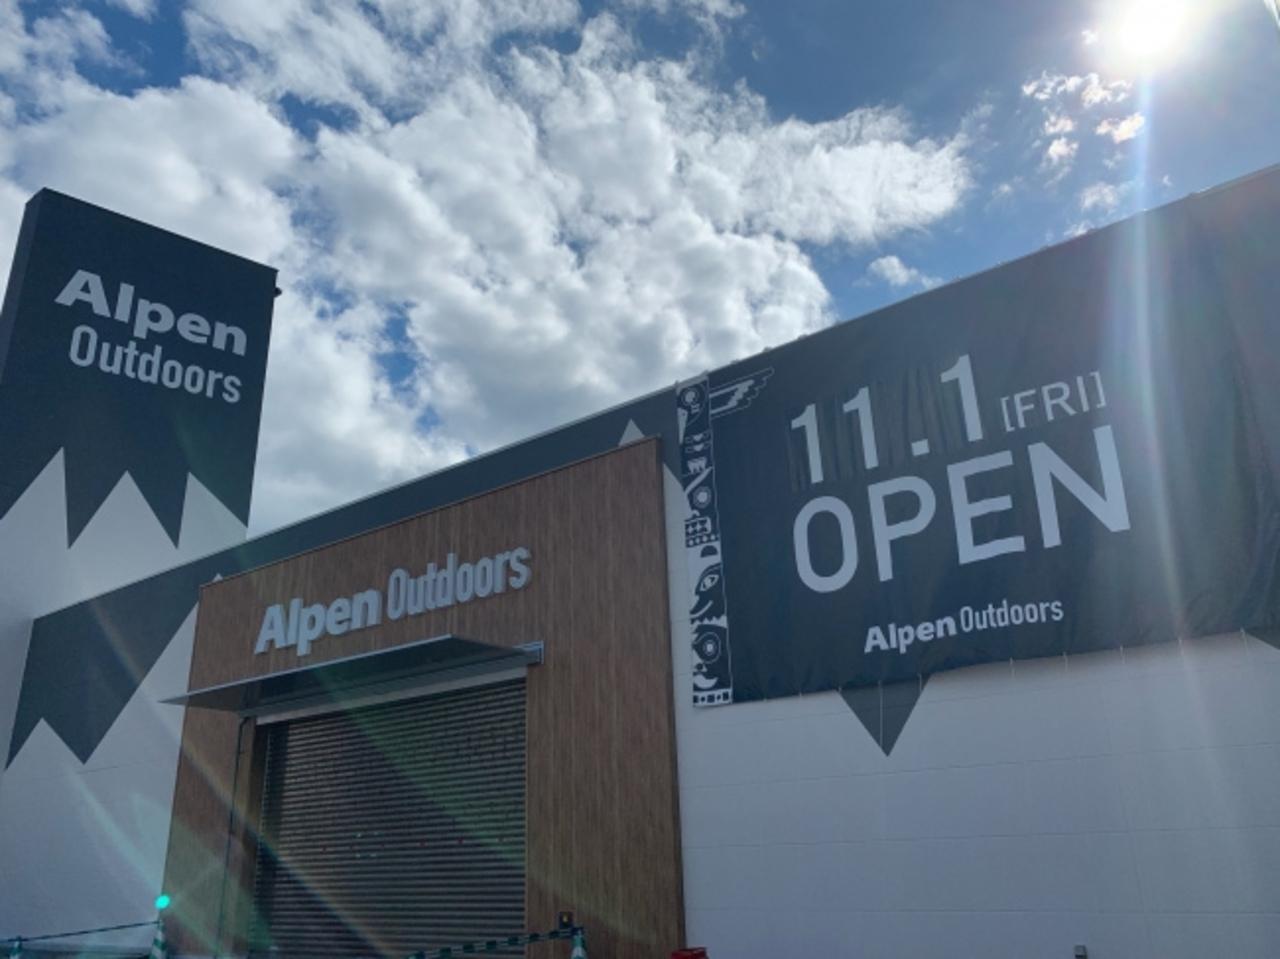 【 Alpen Outdoors 明石大蔵海岸店 】体験型アウトドアショップ(兵庫県明石市)